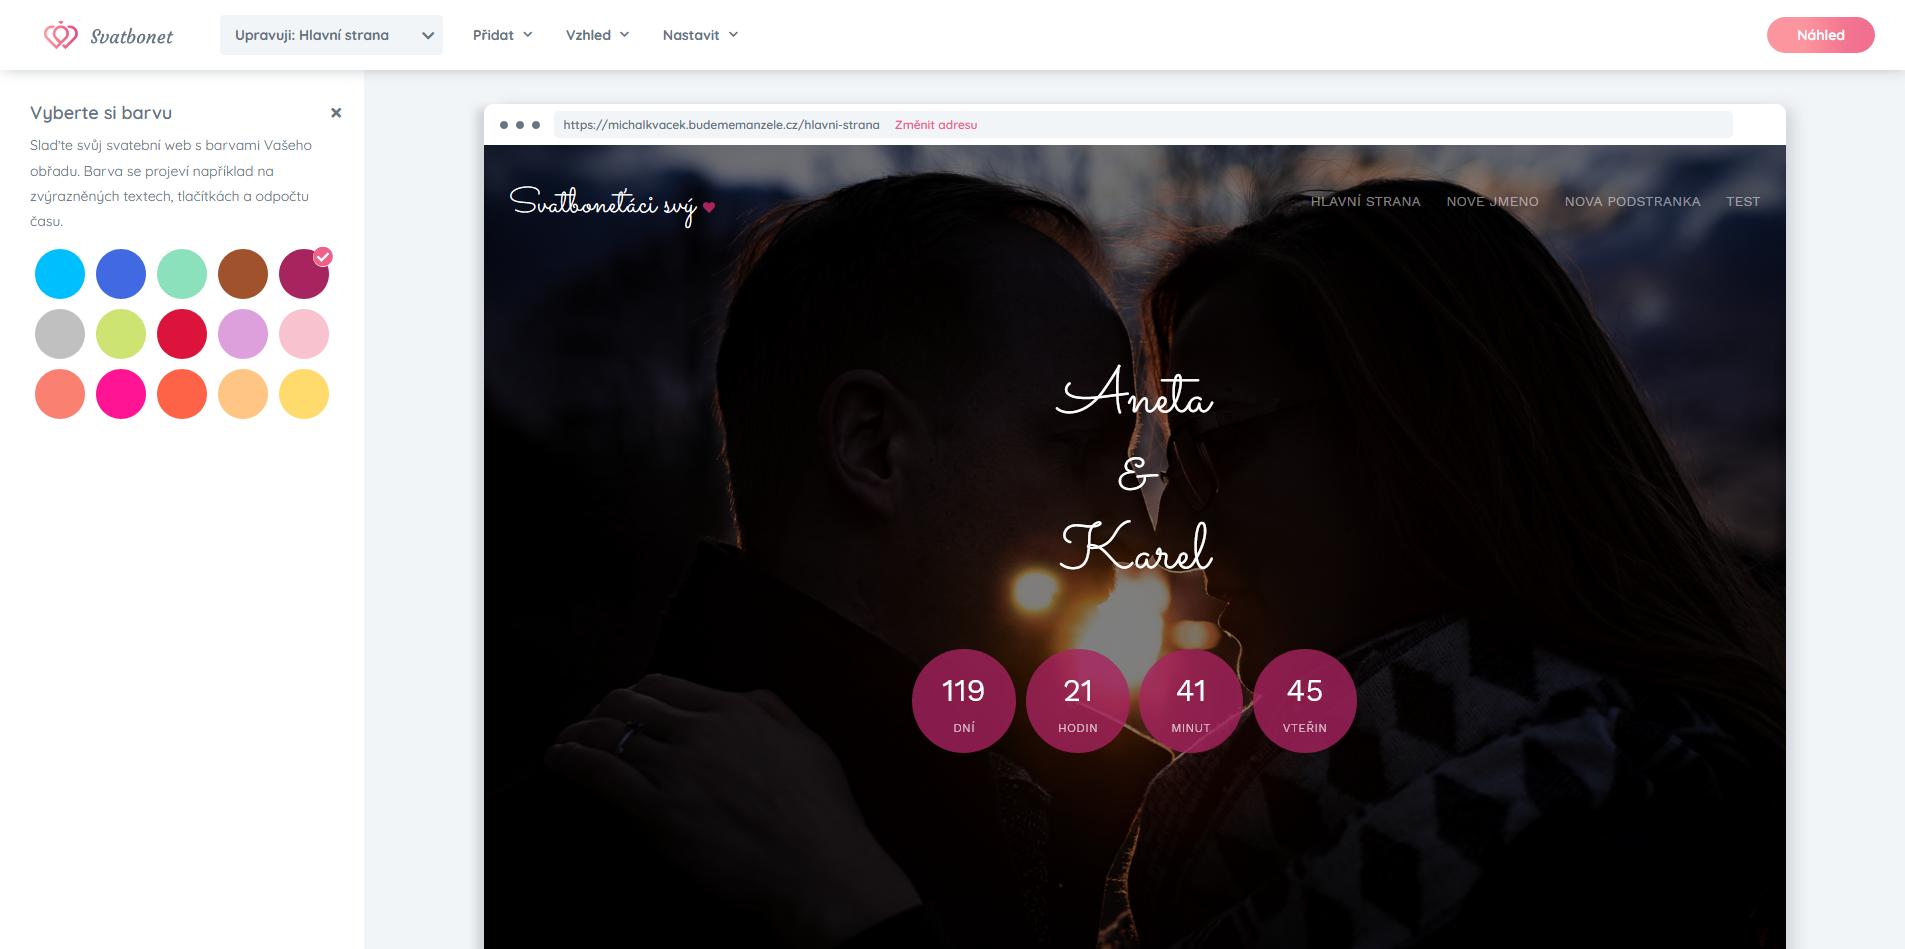 svatební webové stránky vzhled vyberete si barvu